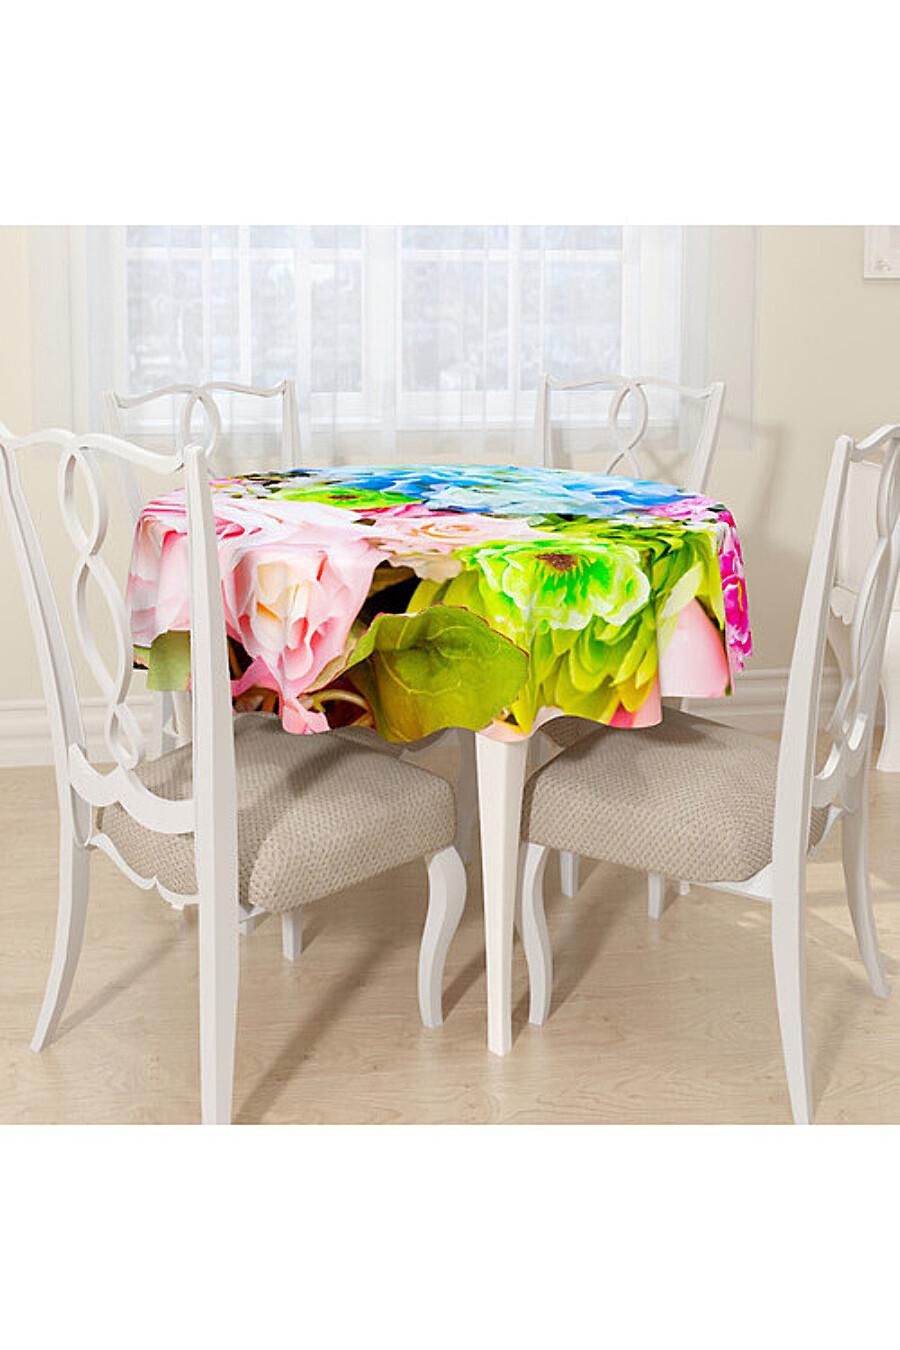 Скатерть для дома ART HOME TEXTILE 180268 купить оптом от производителя. Совместная покупка товаров для дома в OptMoyo